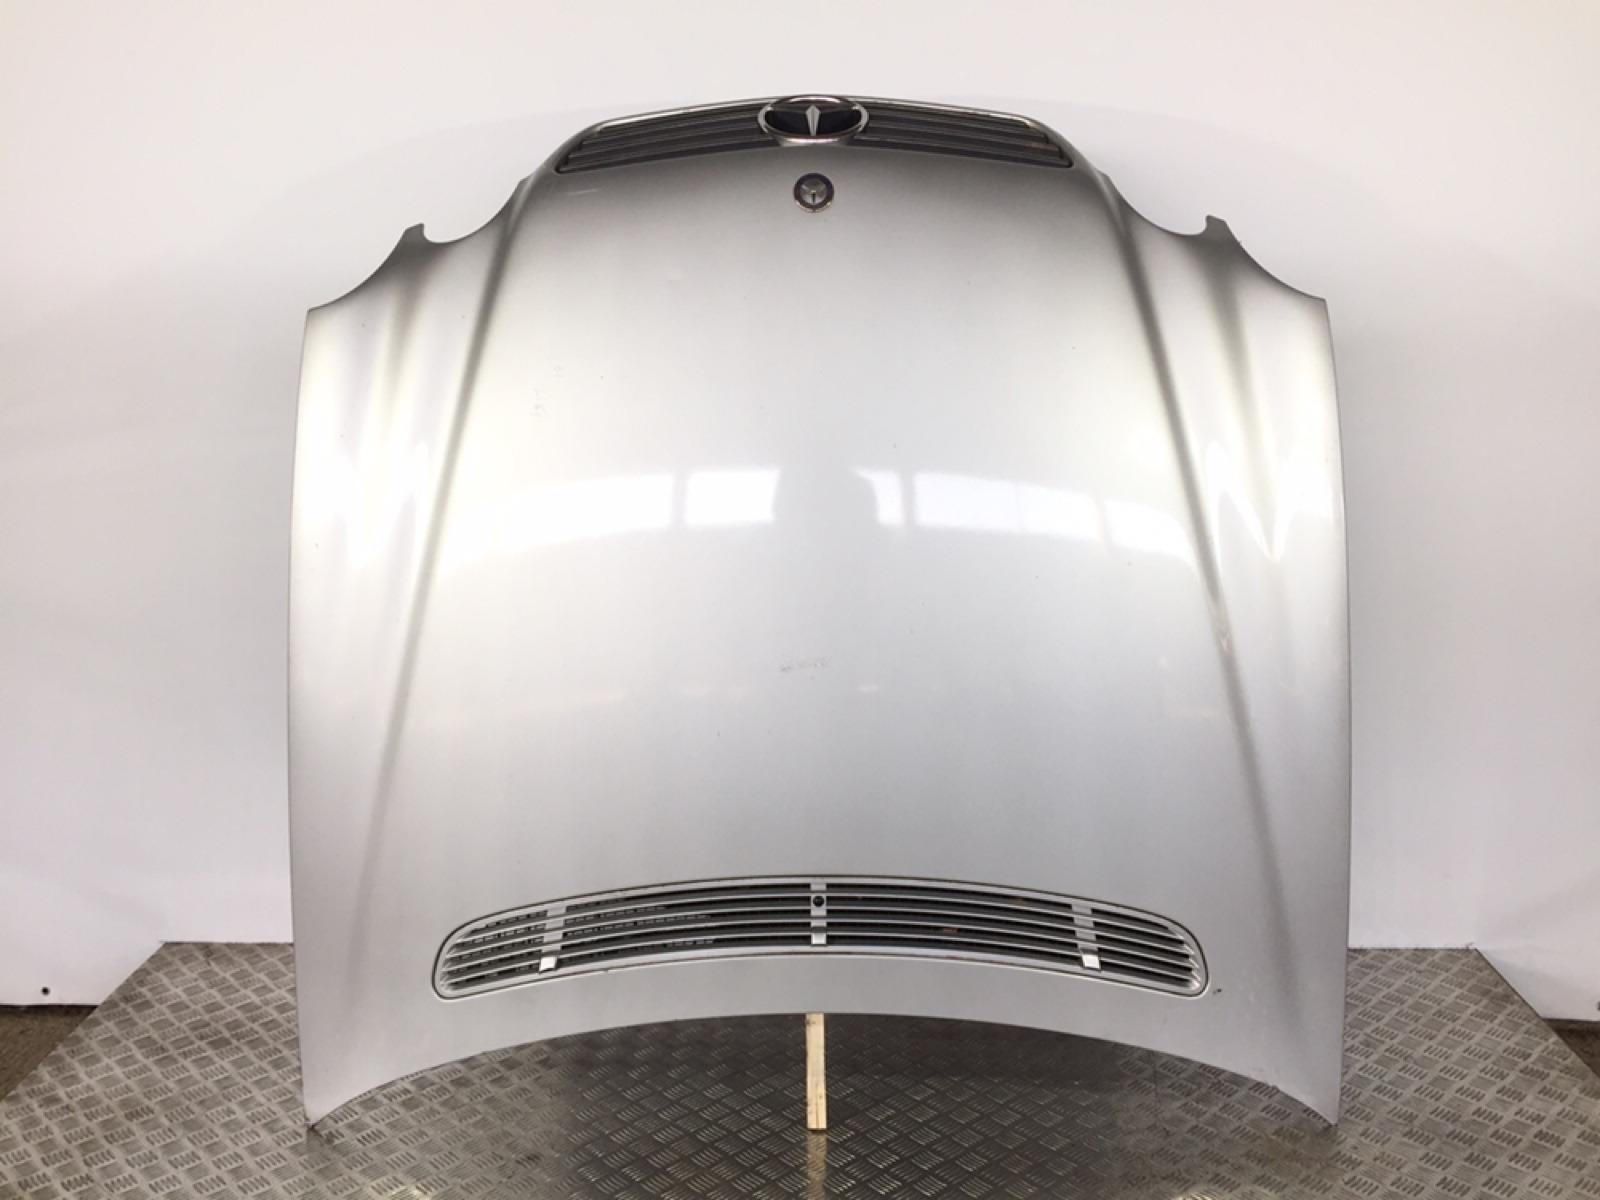 Капот Mercedes Cl W215 5.0 I 2004 (б/у)